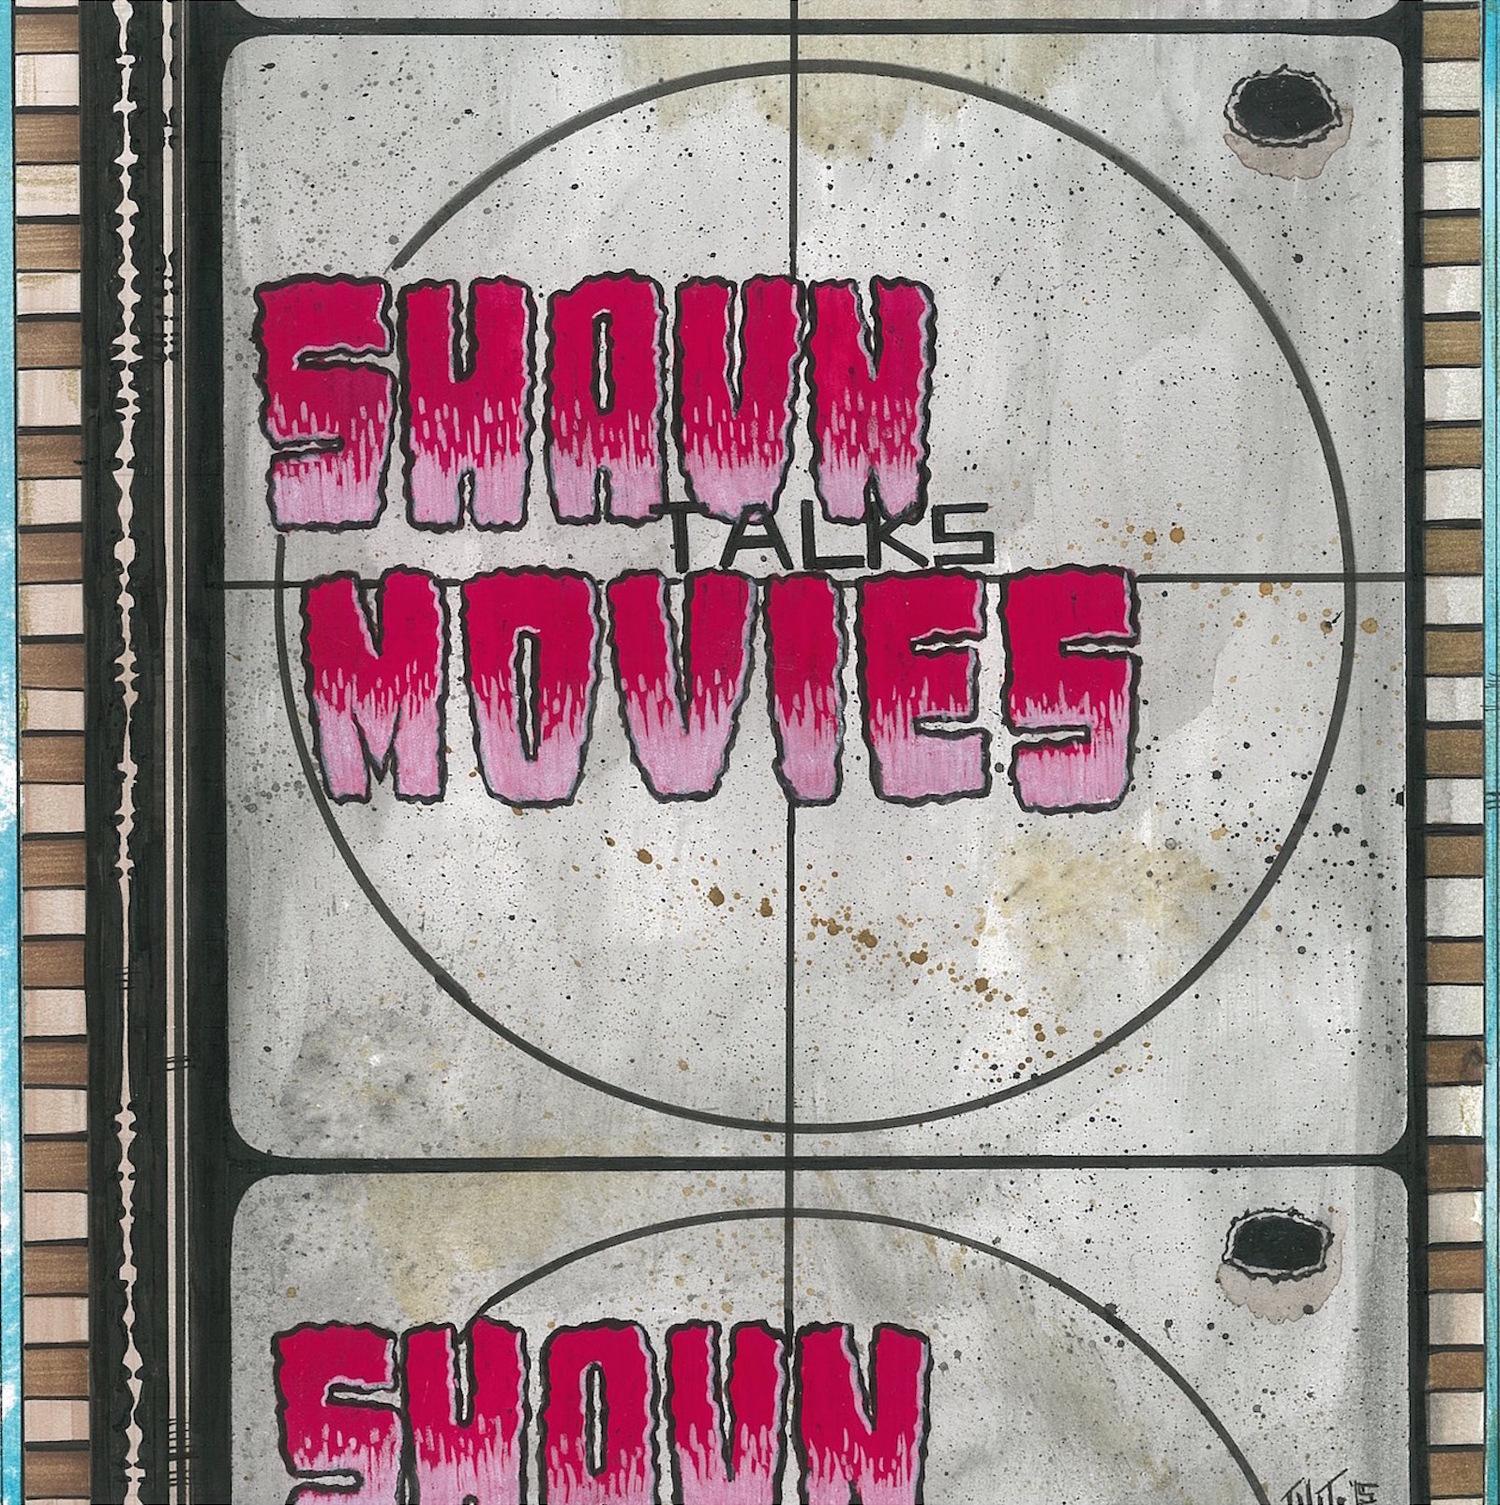 Shaun Talks Movies - Shaun Talks Movies